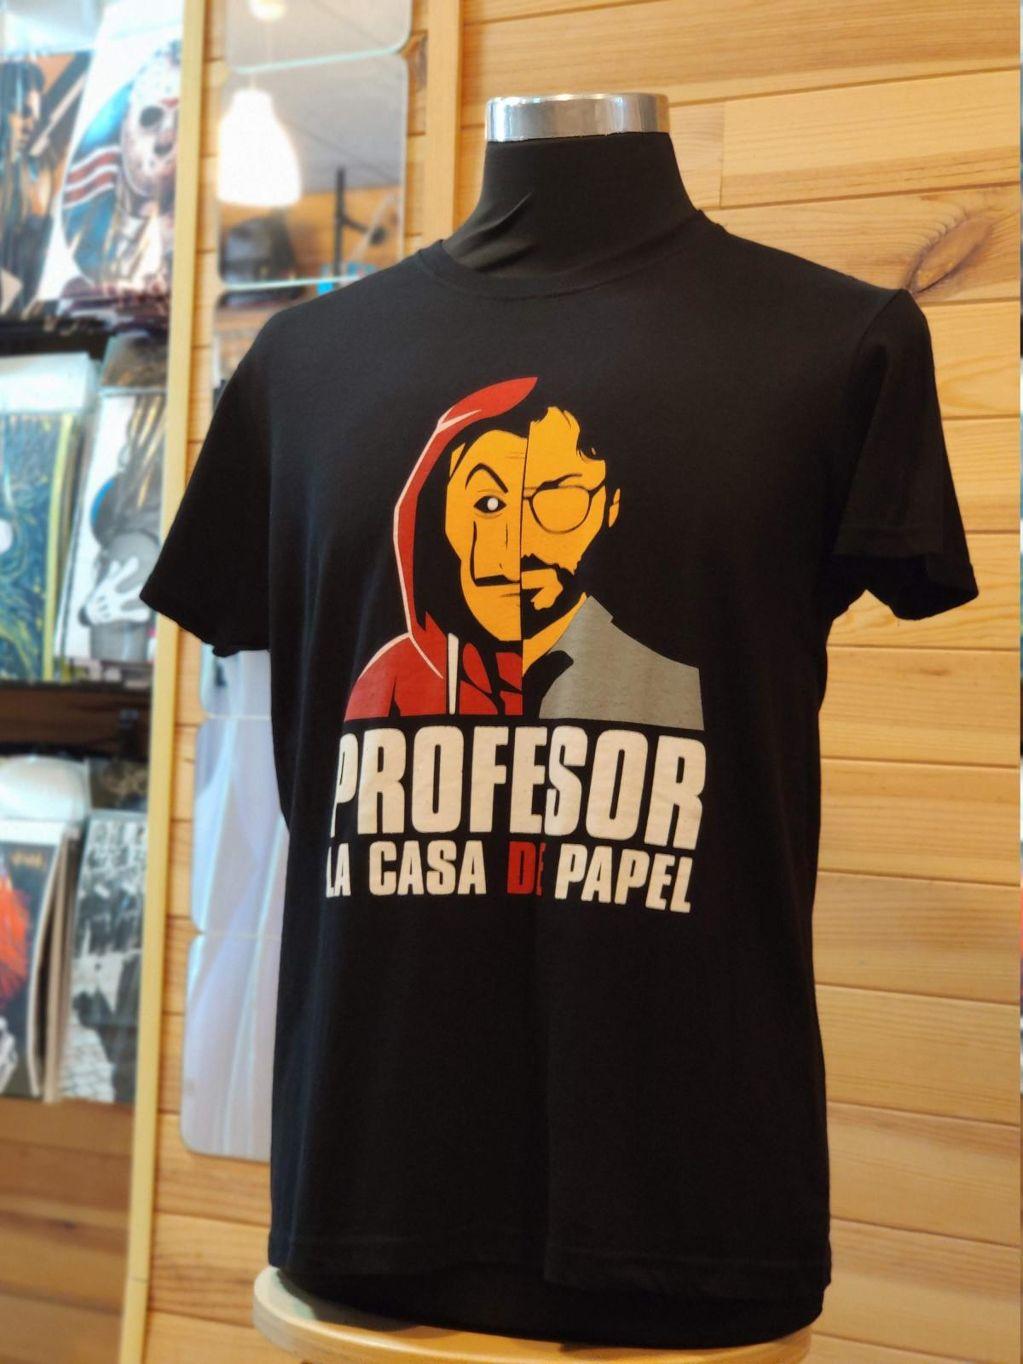 Profesor de la casa de papel - 229b5-camiseta-profesor-la-casa-de-papel-3.jpg